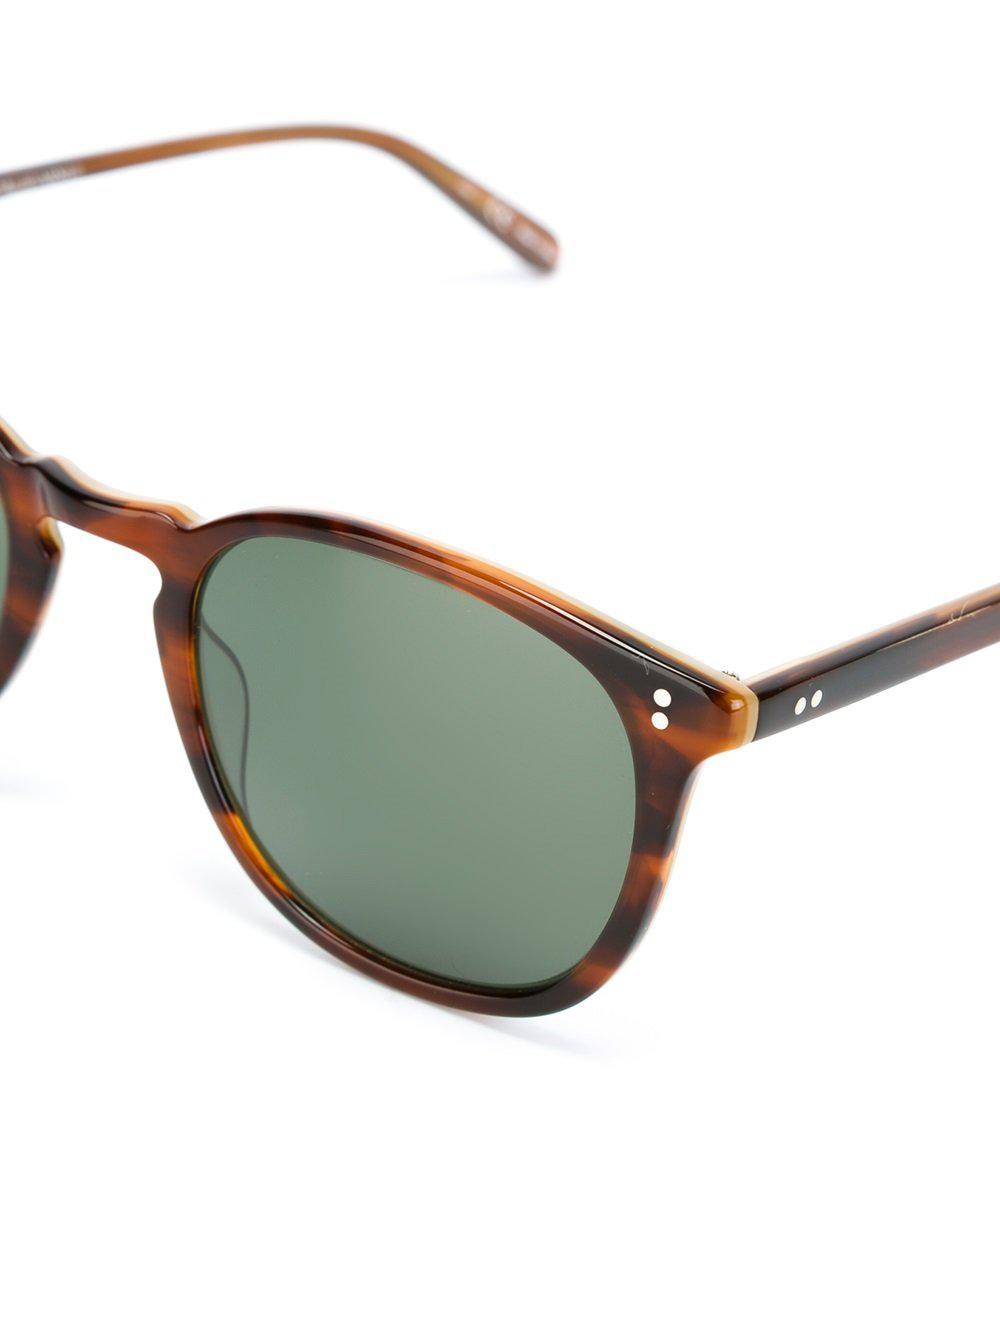 Garrett Leight 'kinney' Sunglasses in Brown